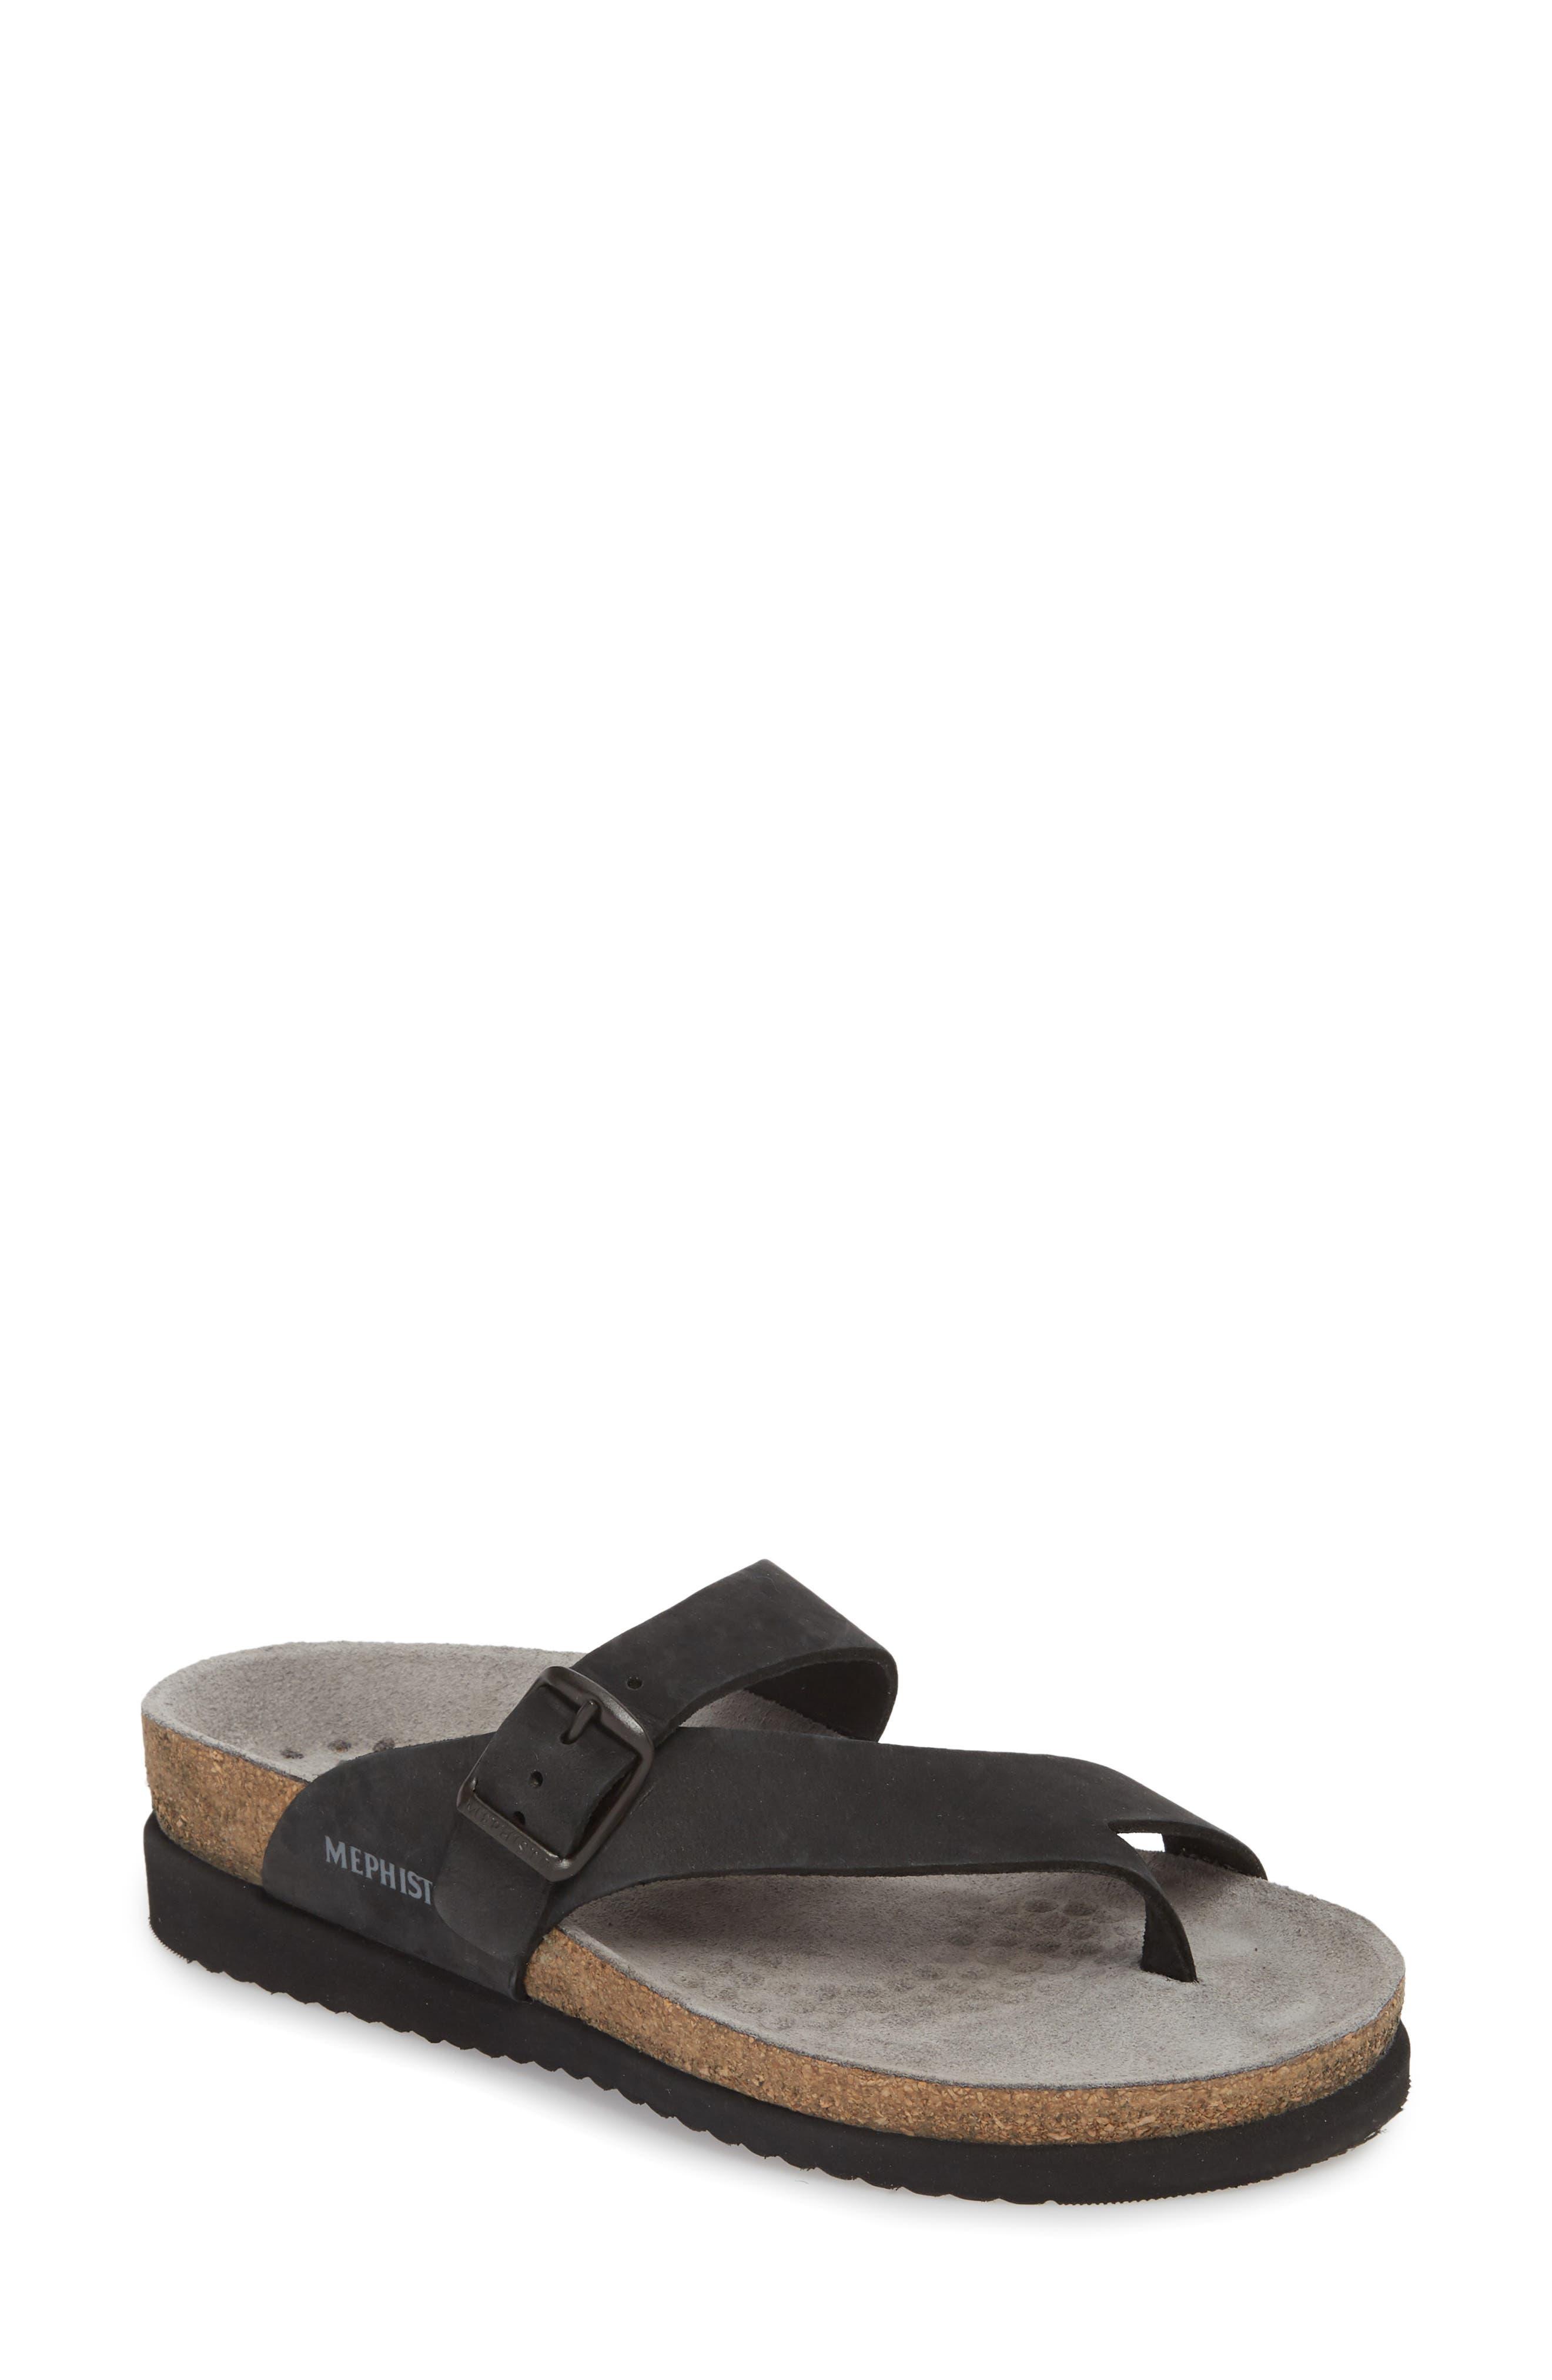 Mephisto 'Helen' Sandal (Women) | Nordstrom